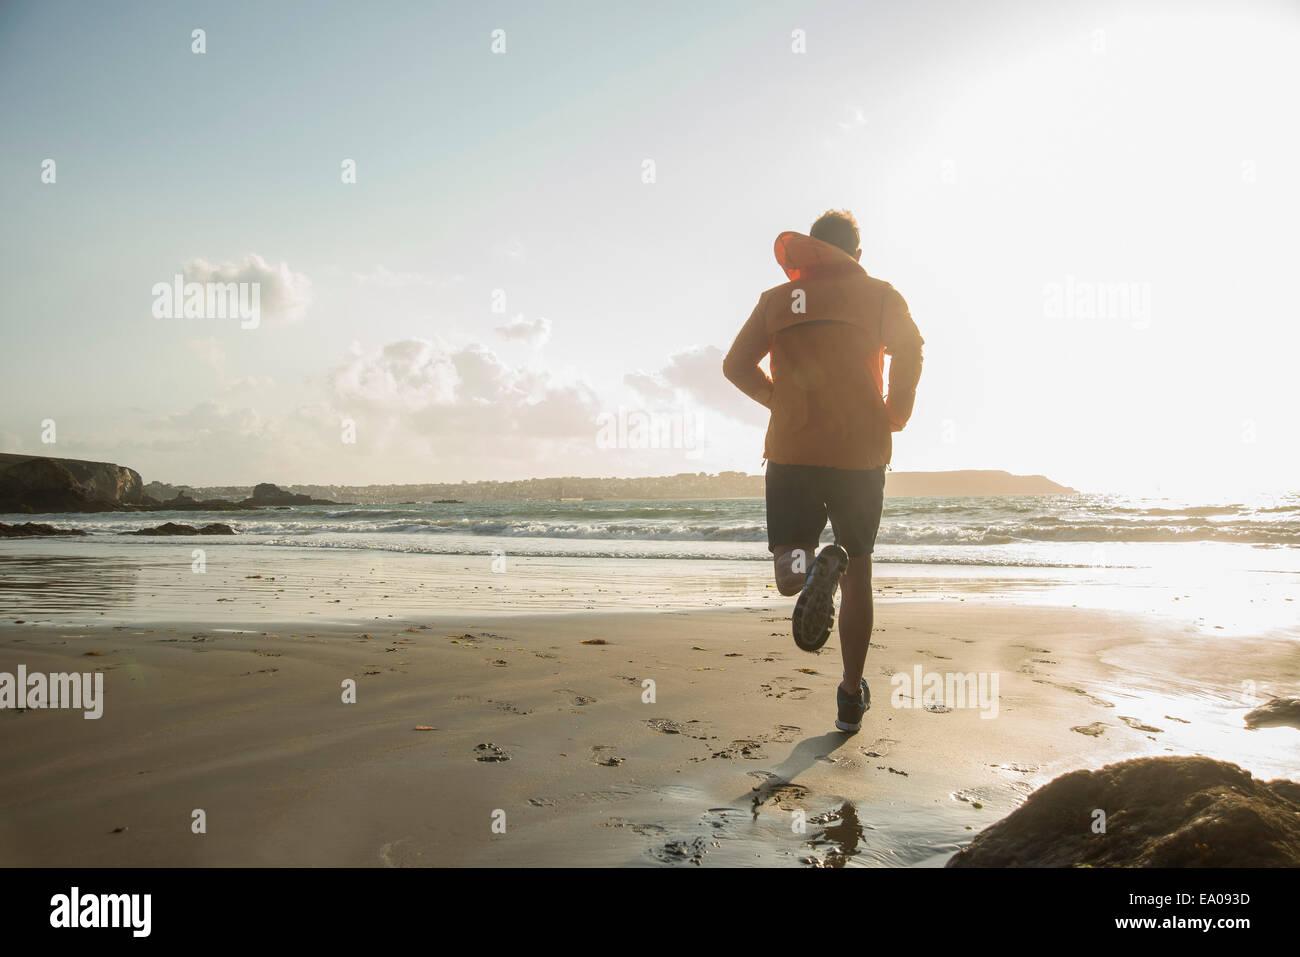 Hombre maduro corriendo en la arena, a lo largo de la costa Imagen De Stock